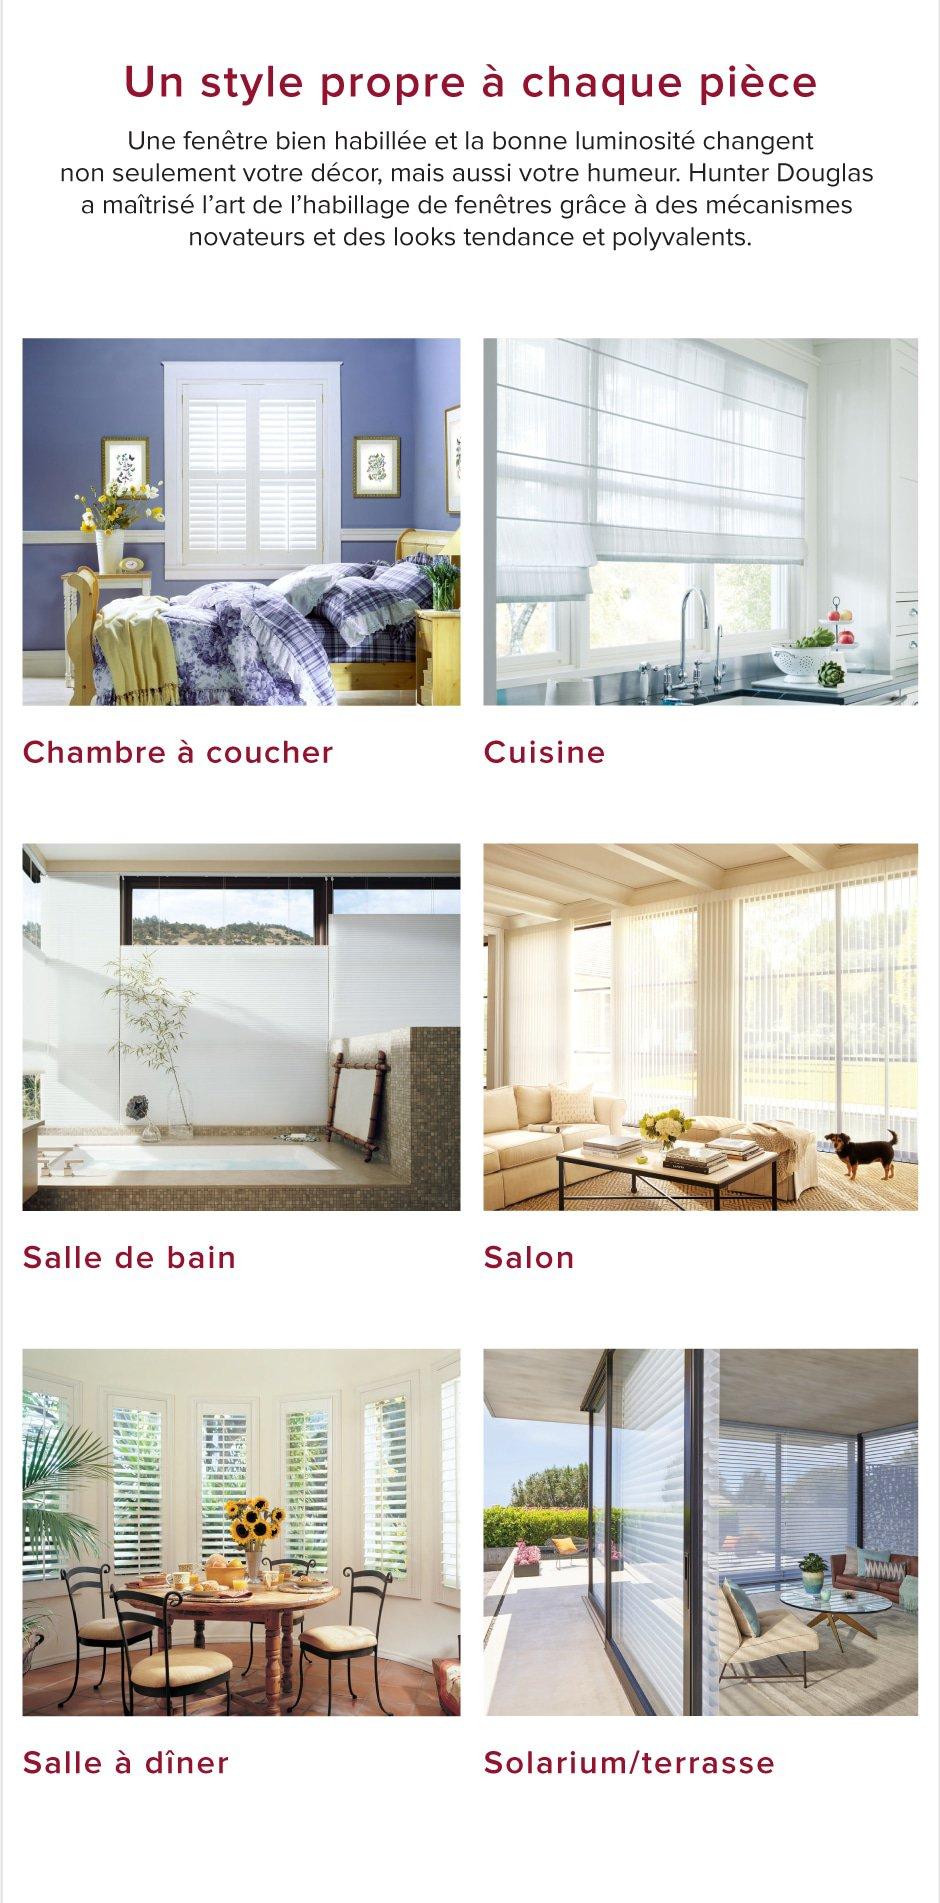 fenetres sur mesure amazing fentres with fenetres sur mesure stunning un tout confort avec des. Black Bedroom Furniture Sets. Home Design Ideas